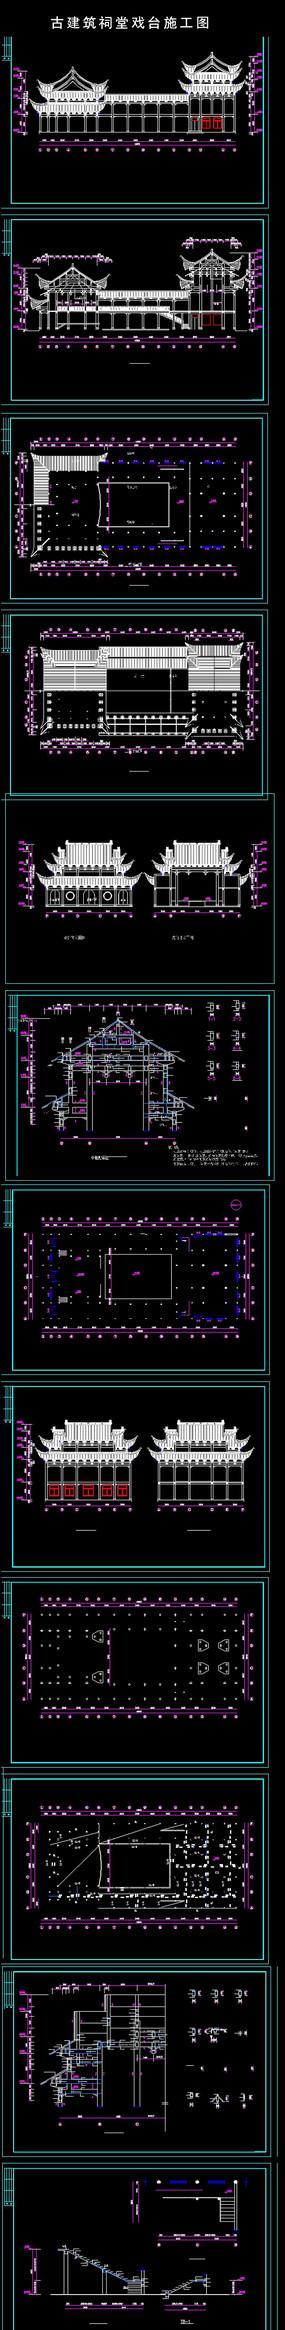 祠堂戏台建筑图纸